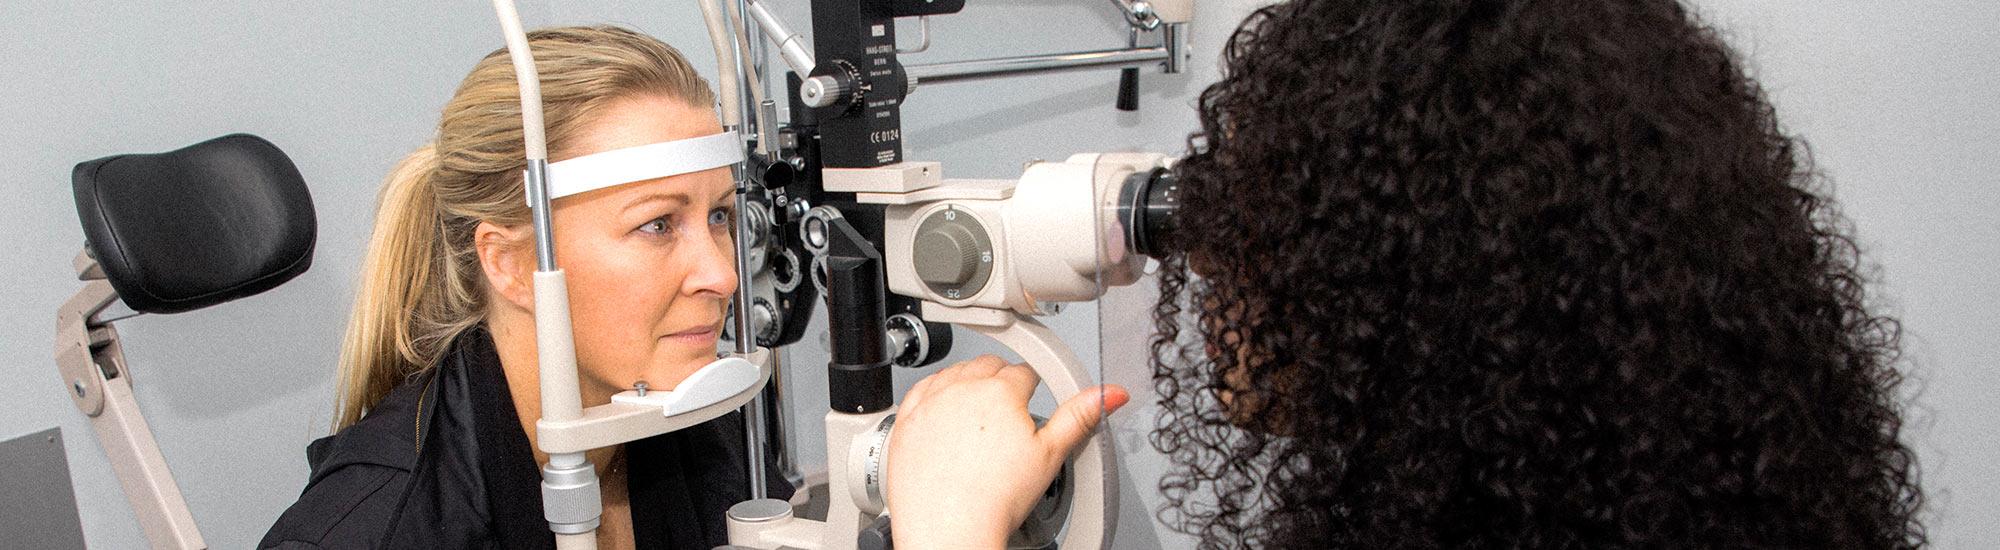 Comprehensive Eye Exams by Vestavia Eye Care